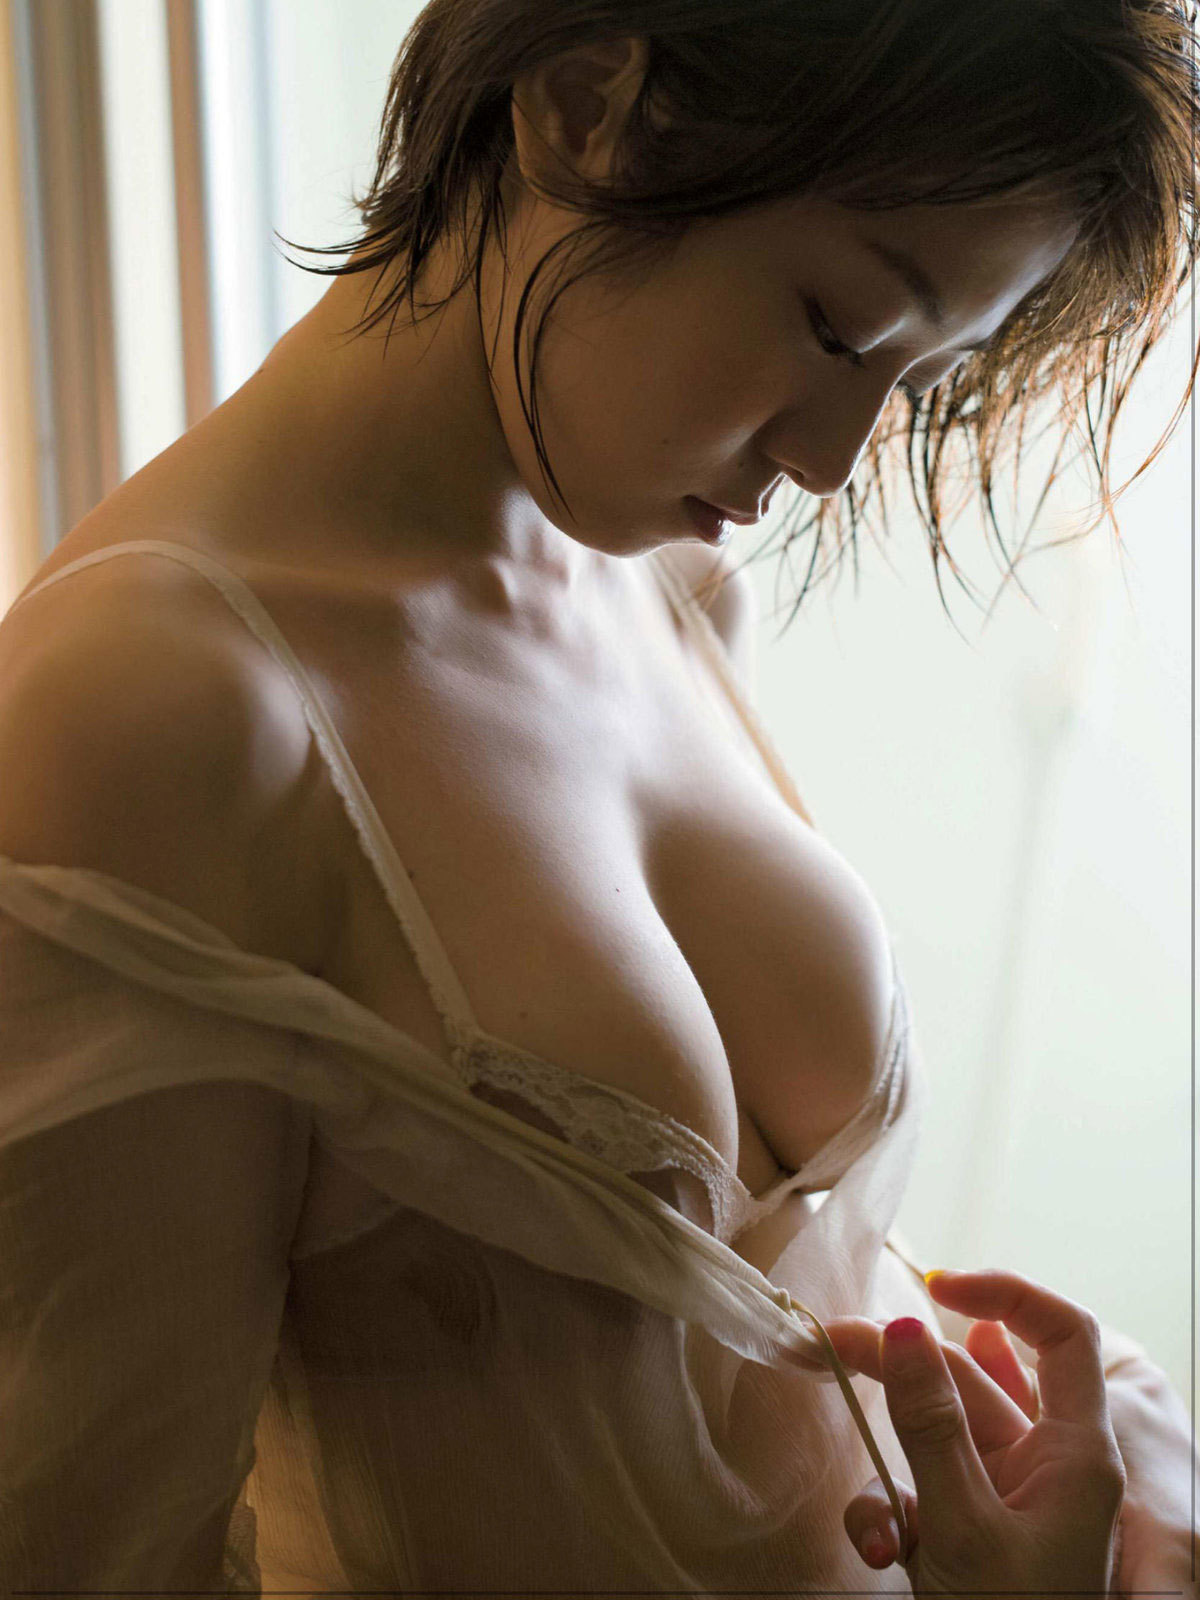 中村静香 大人の色気が漂うFカップの熟れた柔そうなおっぱいに釘付け